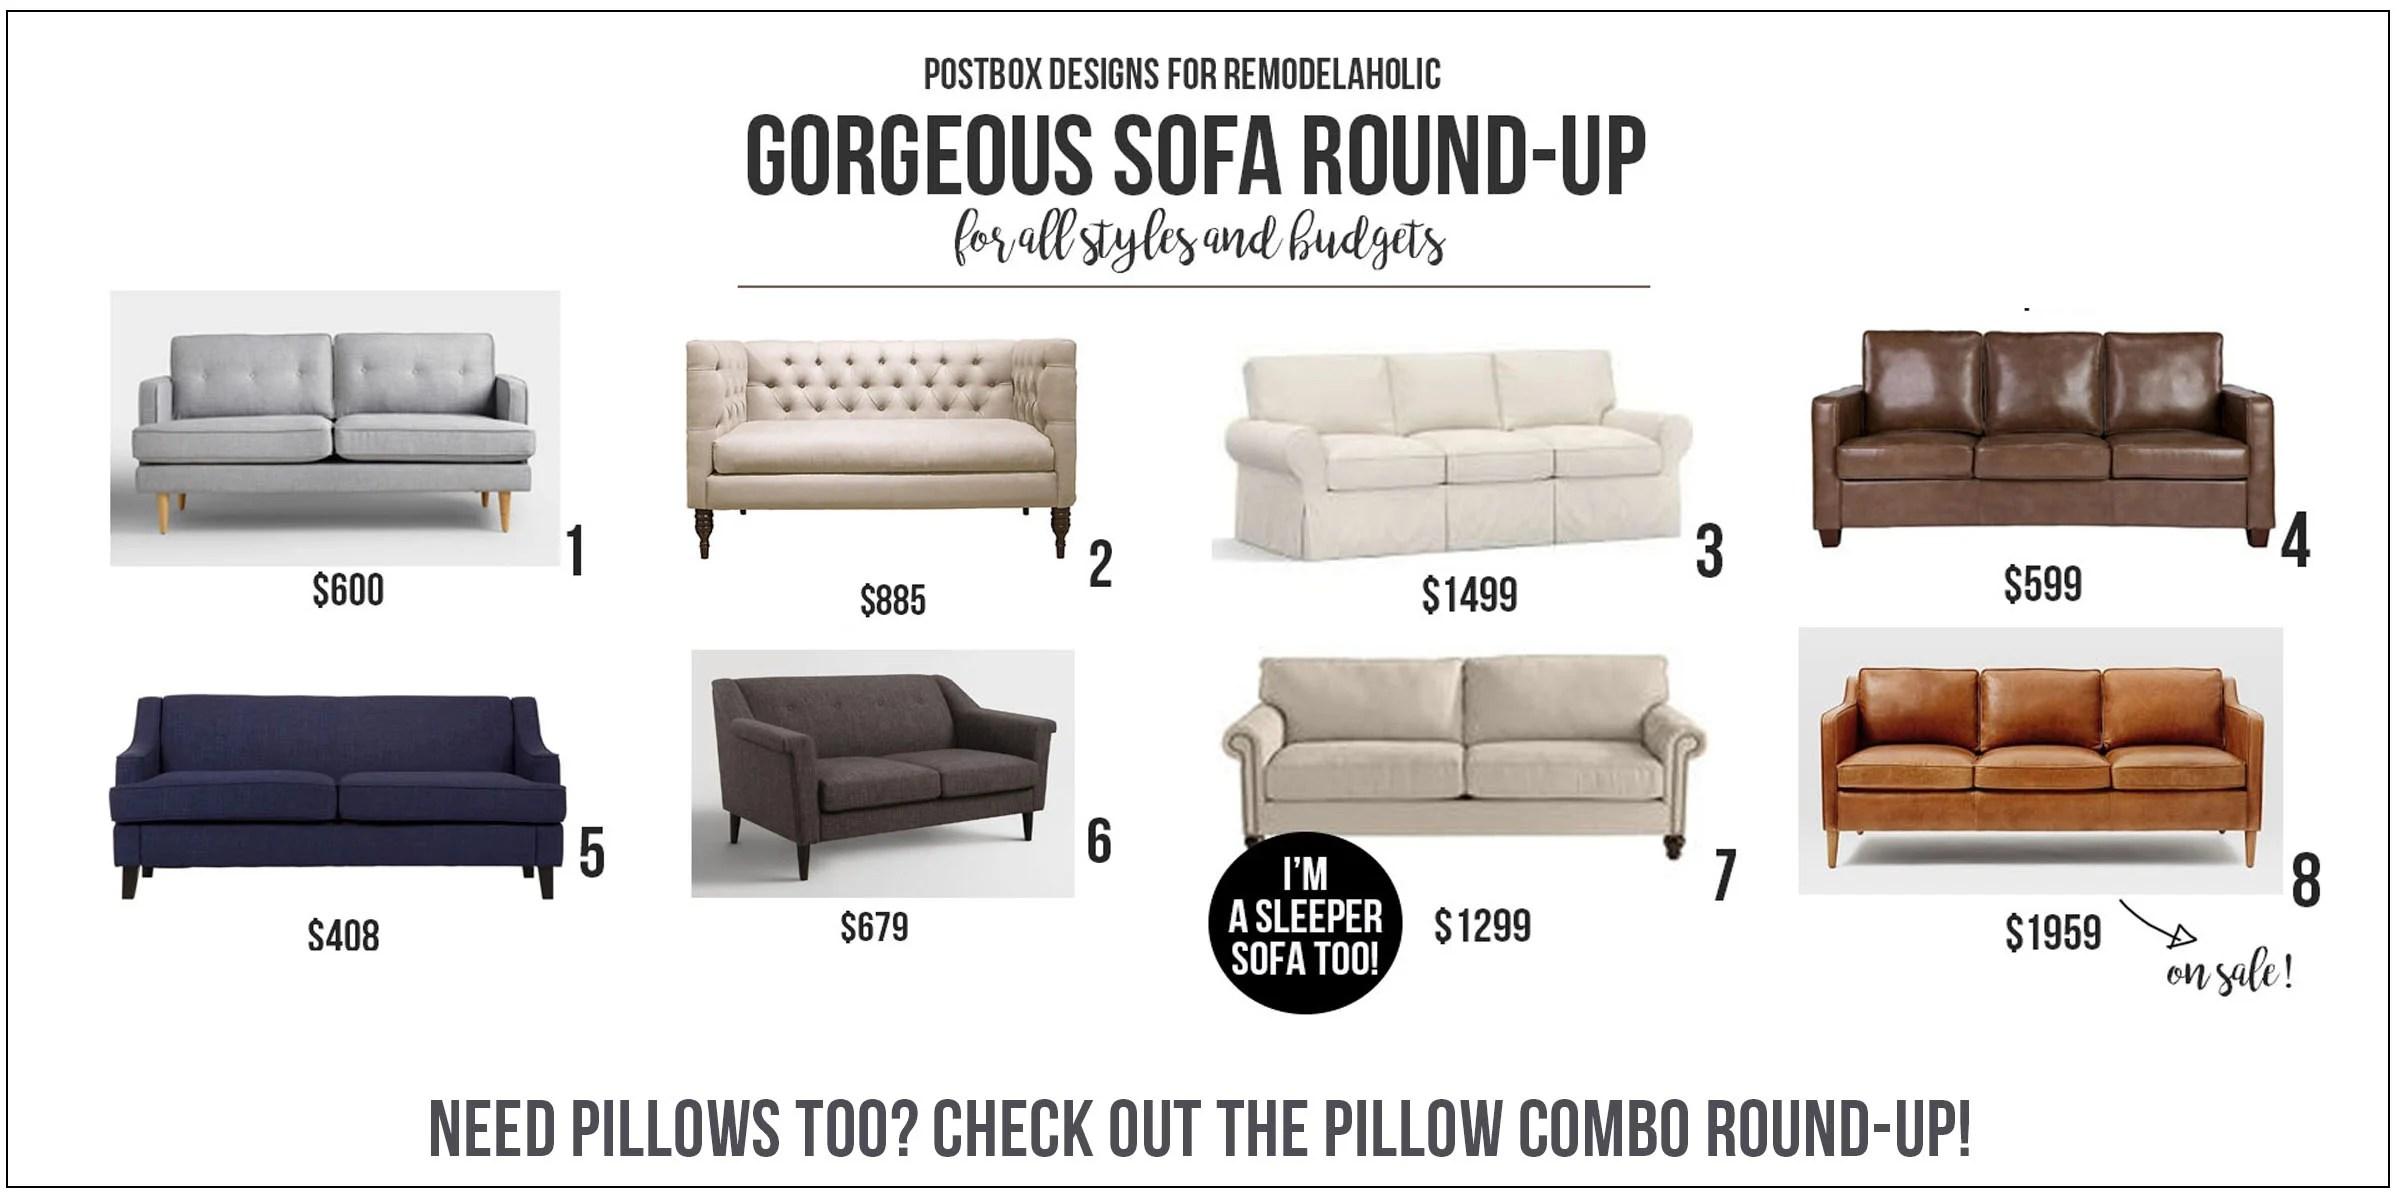 Sofa Round Up by Postbox Designs E-Design